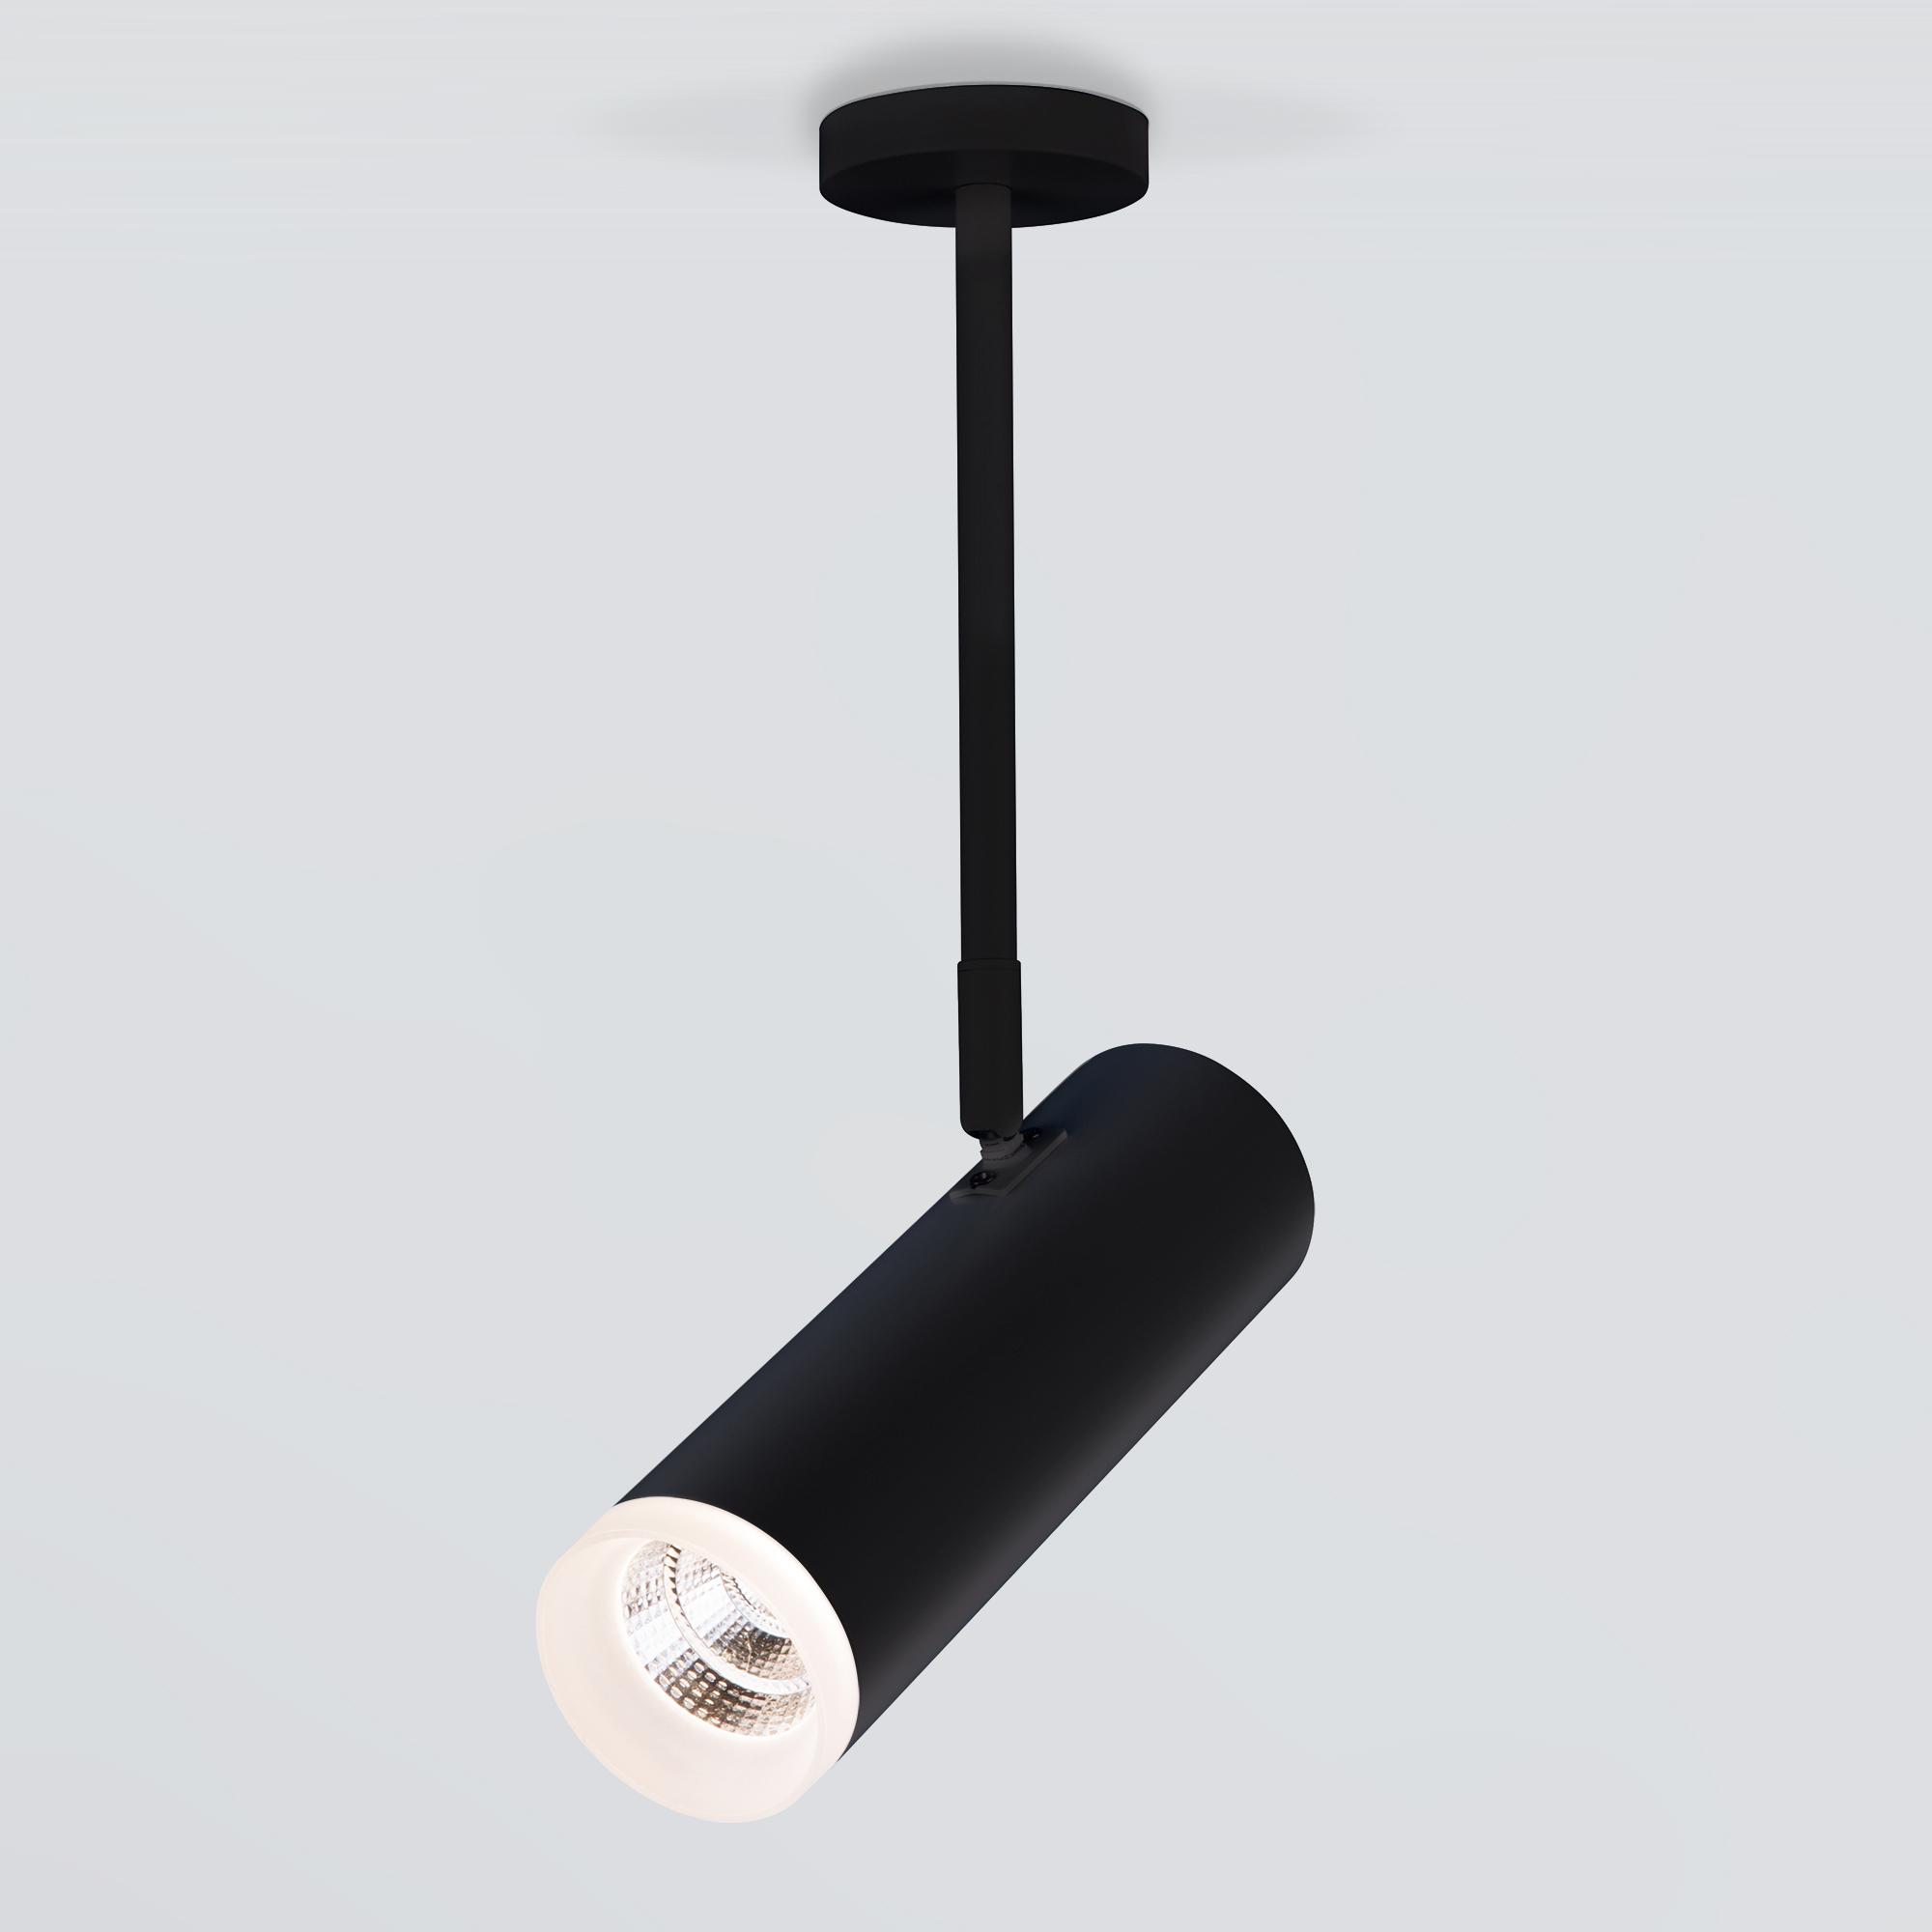 Накладной акцентный светильник DLS022 9W 4200K черный матовый